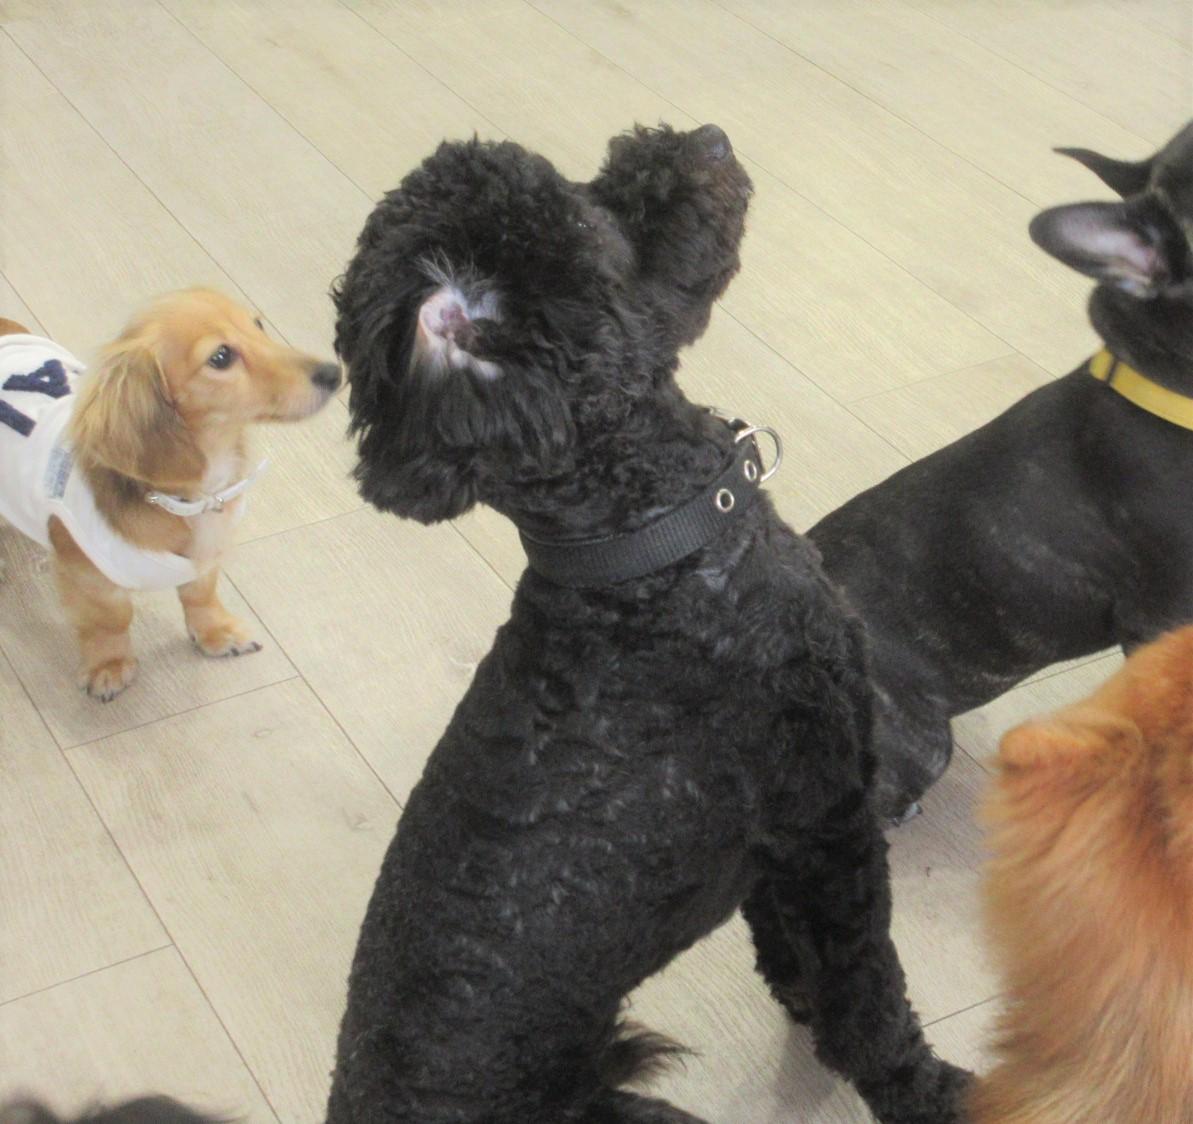 ムーミンくん(ムーくん)・犬の保育園Baby・犬・犬のしつけ・犬の社会化